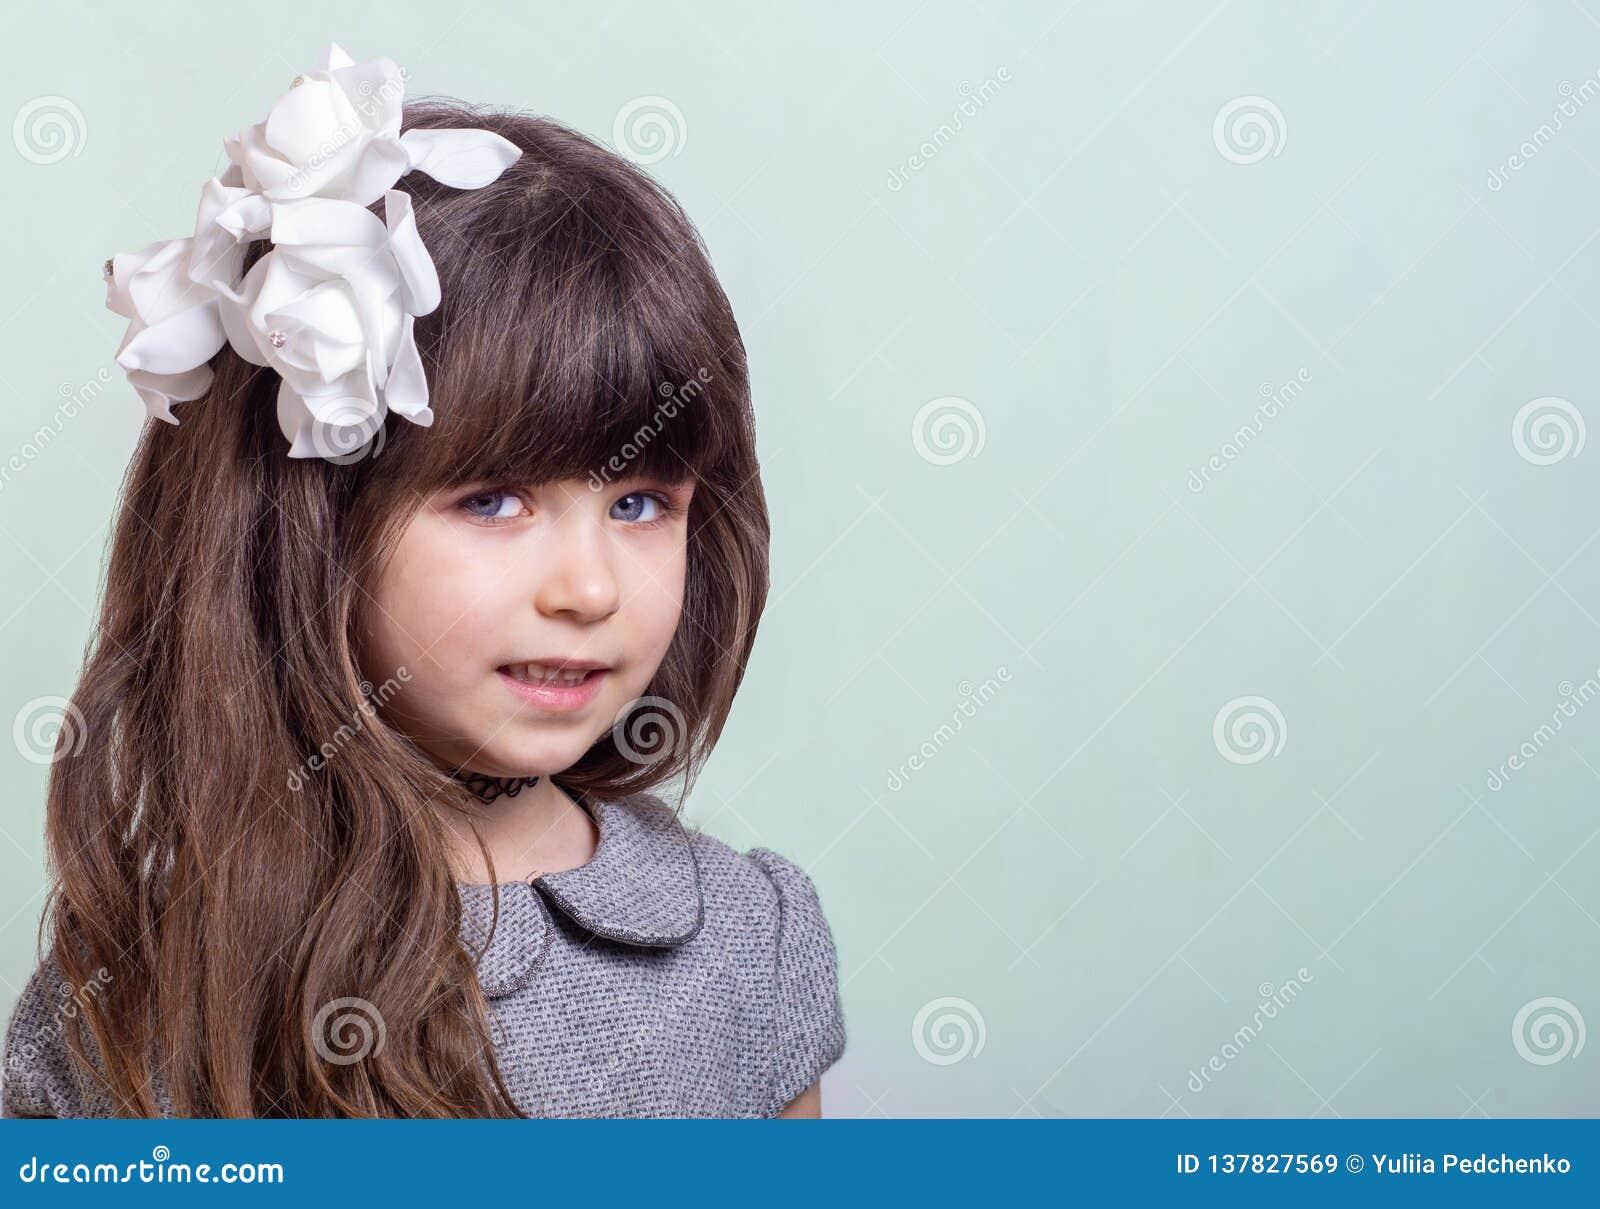 Petite Fille Douce Avec Les Cheveux Boucles Et Les Fleurs Blanches Dans La Coupe De Cheveux Enfant Elegant Mignon Sur Le Fond Ble Image Stock Image Du Fille Blanches 137827569